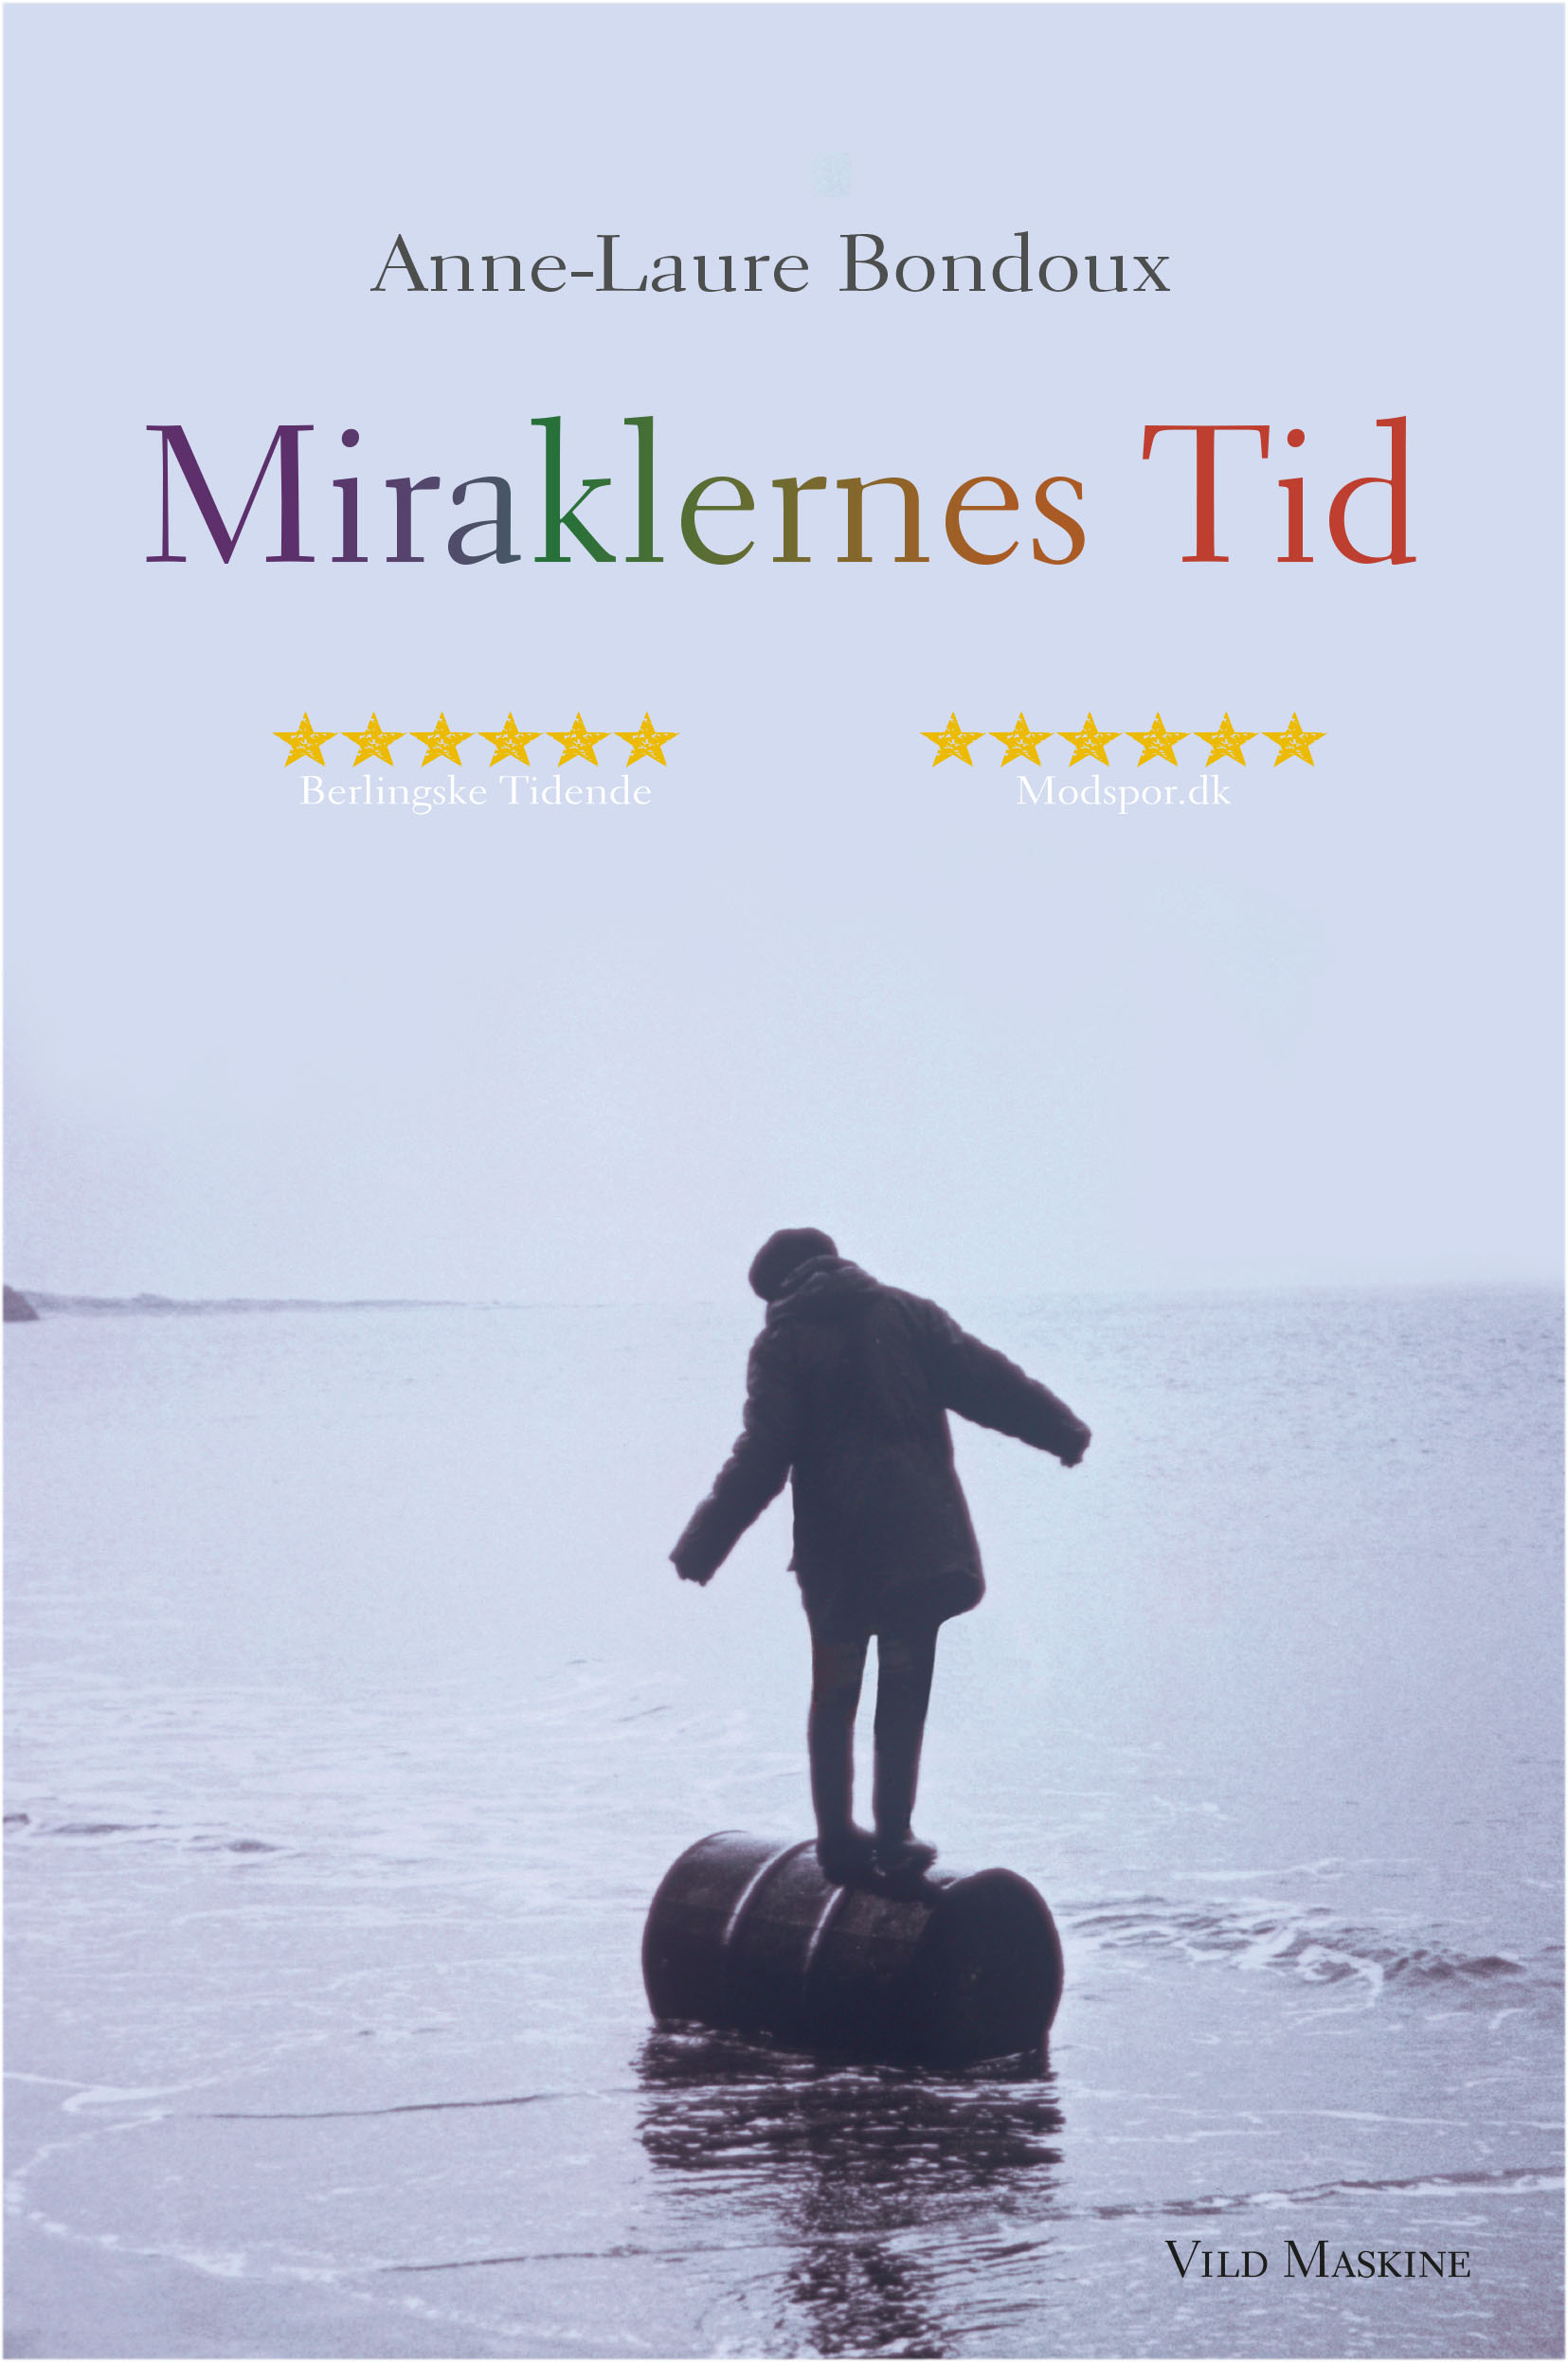 Miraklernes Tid af Anne-Laure Bondoux, udkom 2016. Her 4. oplag, 2017.